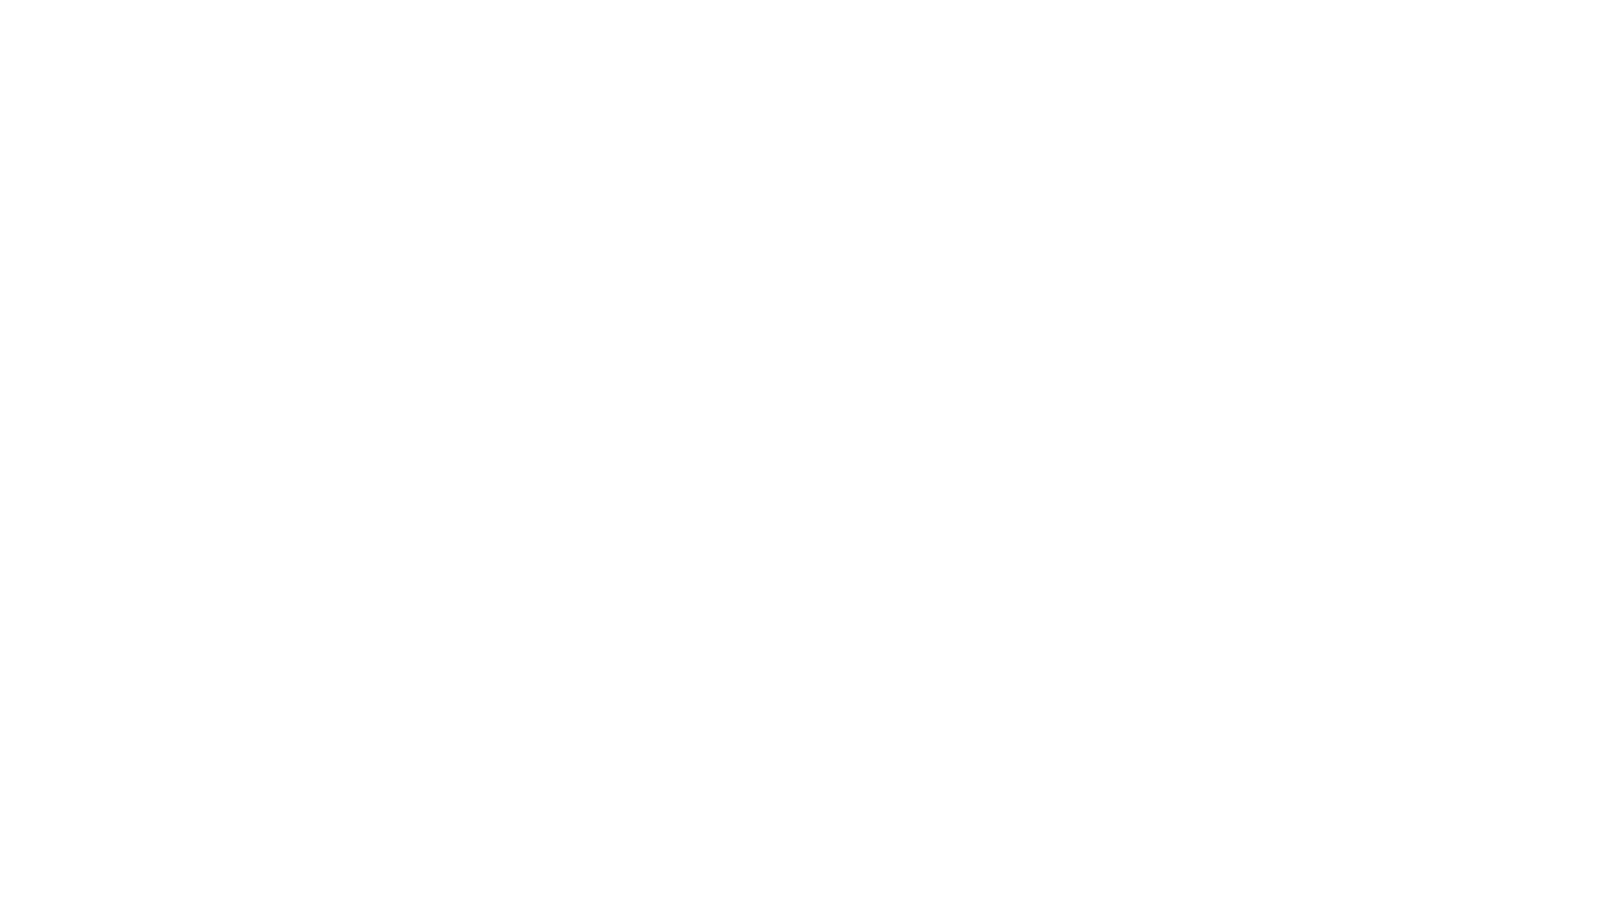 Ο Δήμος Κορδελιού Ευόσμου δια της Αντιδημαρχίας Κοινωνικής Προστασίας Δημόσιας Υγείας ΚΕΠ, την Δημοτική Κοινωφελή Επιχείρηση Κορδελιού, σε συνεργασία με τον Ανθρωπιστικό Οργανισμό «KIDS SAVE LIVES – Τα Παιδιά Σώζουν Ζωές» συμμετέχουν με μια πρωτότυπη δράση στον εορτασμό της Παγκόσμιας Ημέρας Υγείας, με πρωταγωνιστές τα παιδιά και ΕΥΧΑΡΙΣΤΟΥΝ – εν καιρώ υγειονομικού πολέμου – όλες τις ιατρικές και νοσηλευτικές δυνάμεις της χώρας μας, οι οποίες βρίσκονται από την πρώτη μέρα στην πρώτη γραμμή σε όλα τα μέτωπα της μάχης με τον κορονοιο διακινδυνεύοντας τη ζωή τους (7/4/2021).